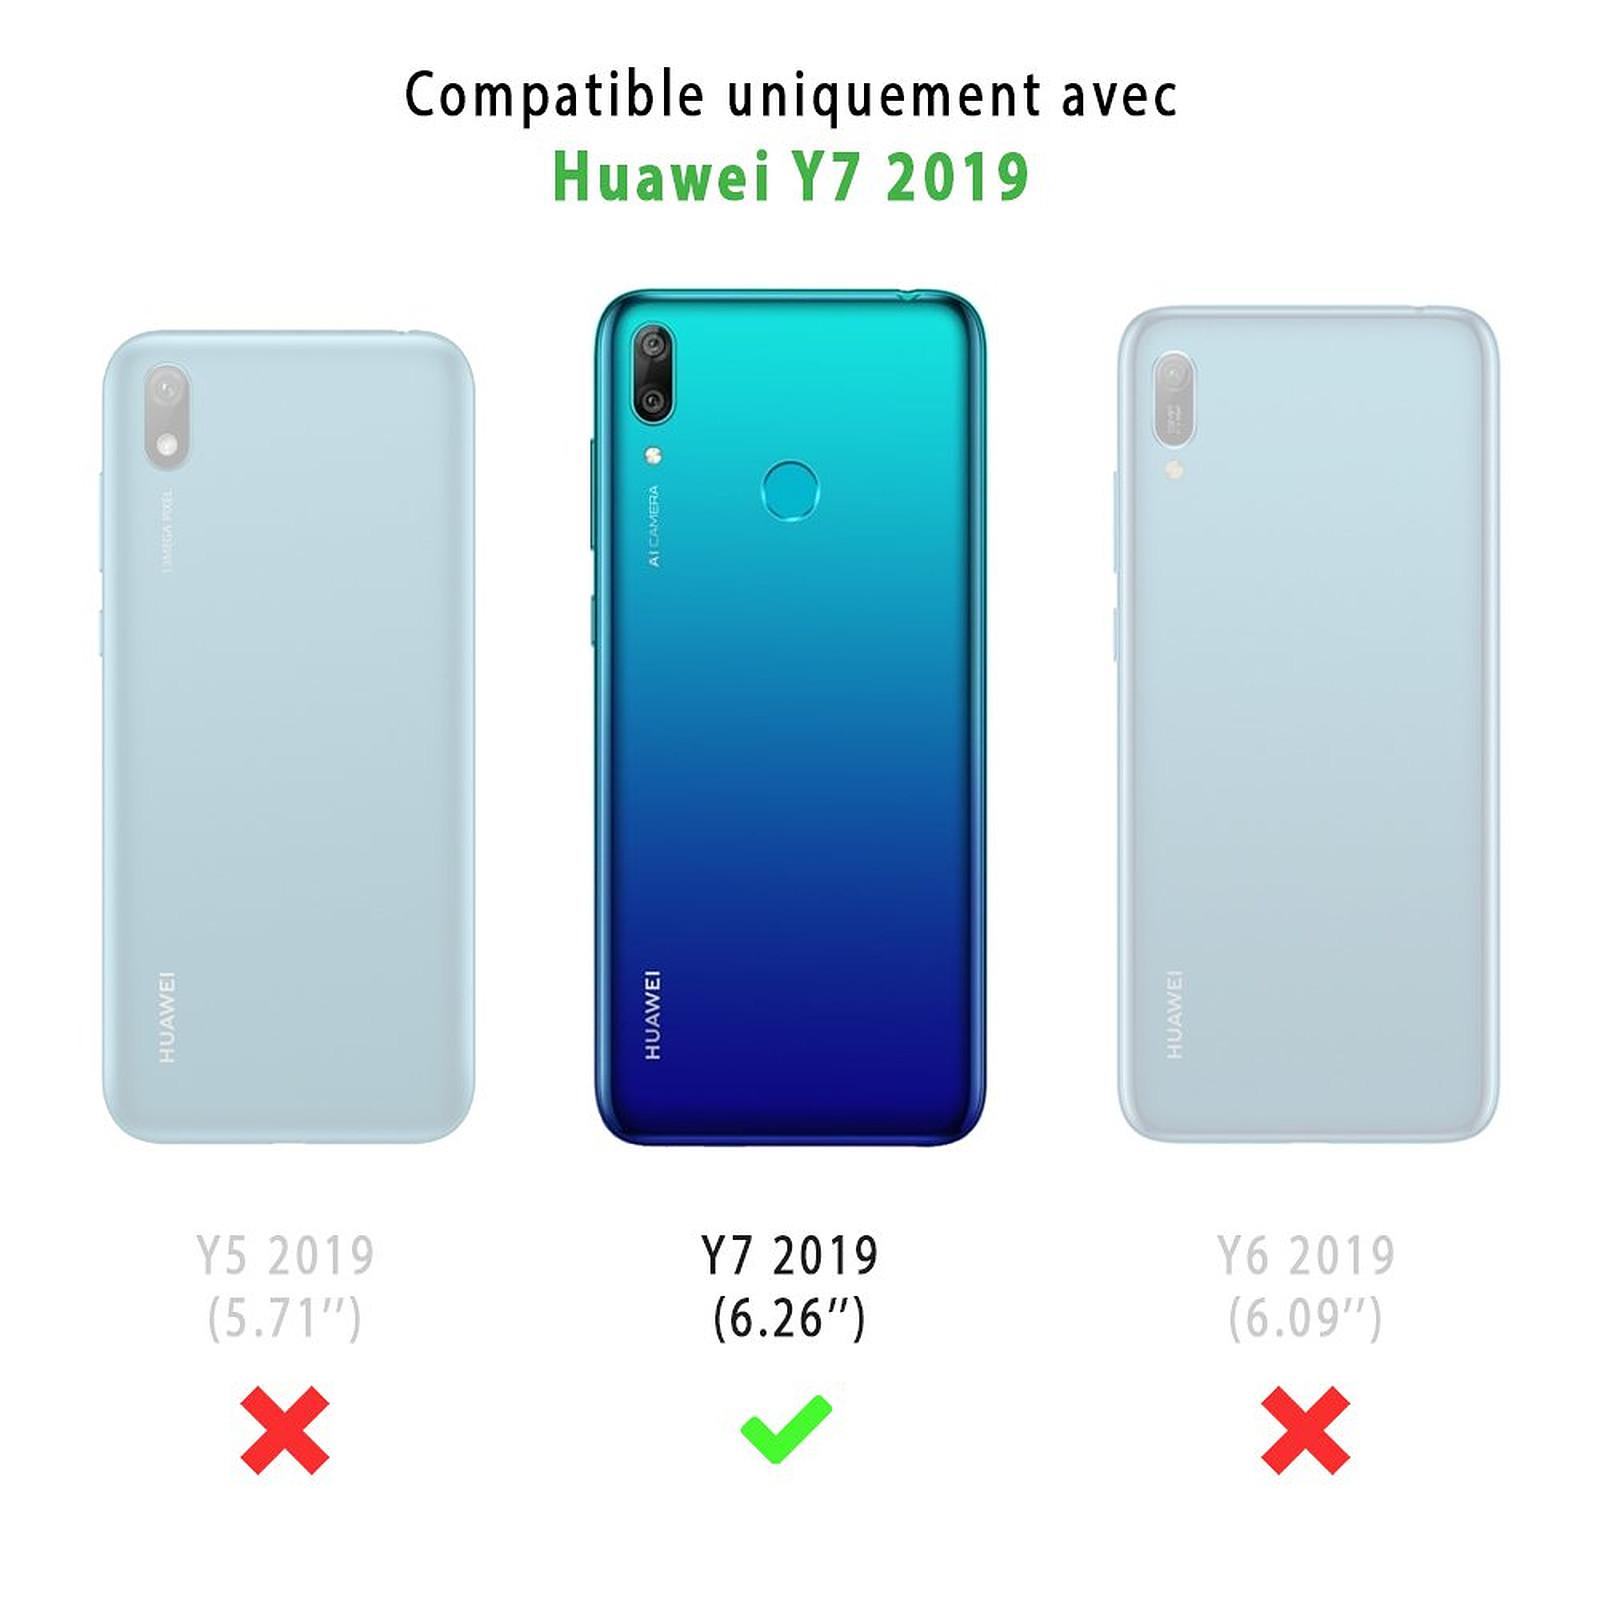 EVETANE Coque Huawei Y7 2019 souple transparente Tropical Summer